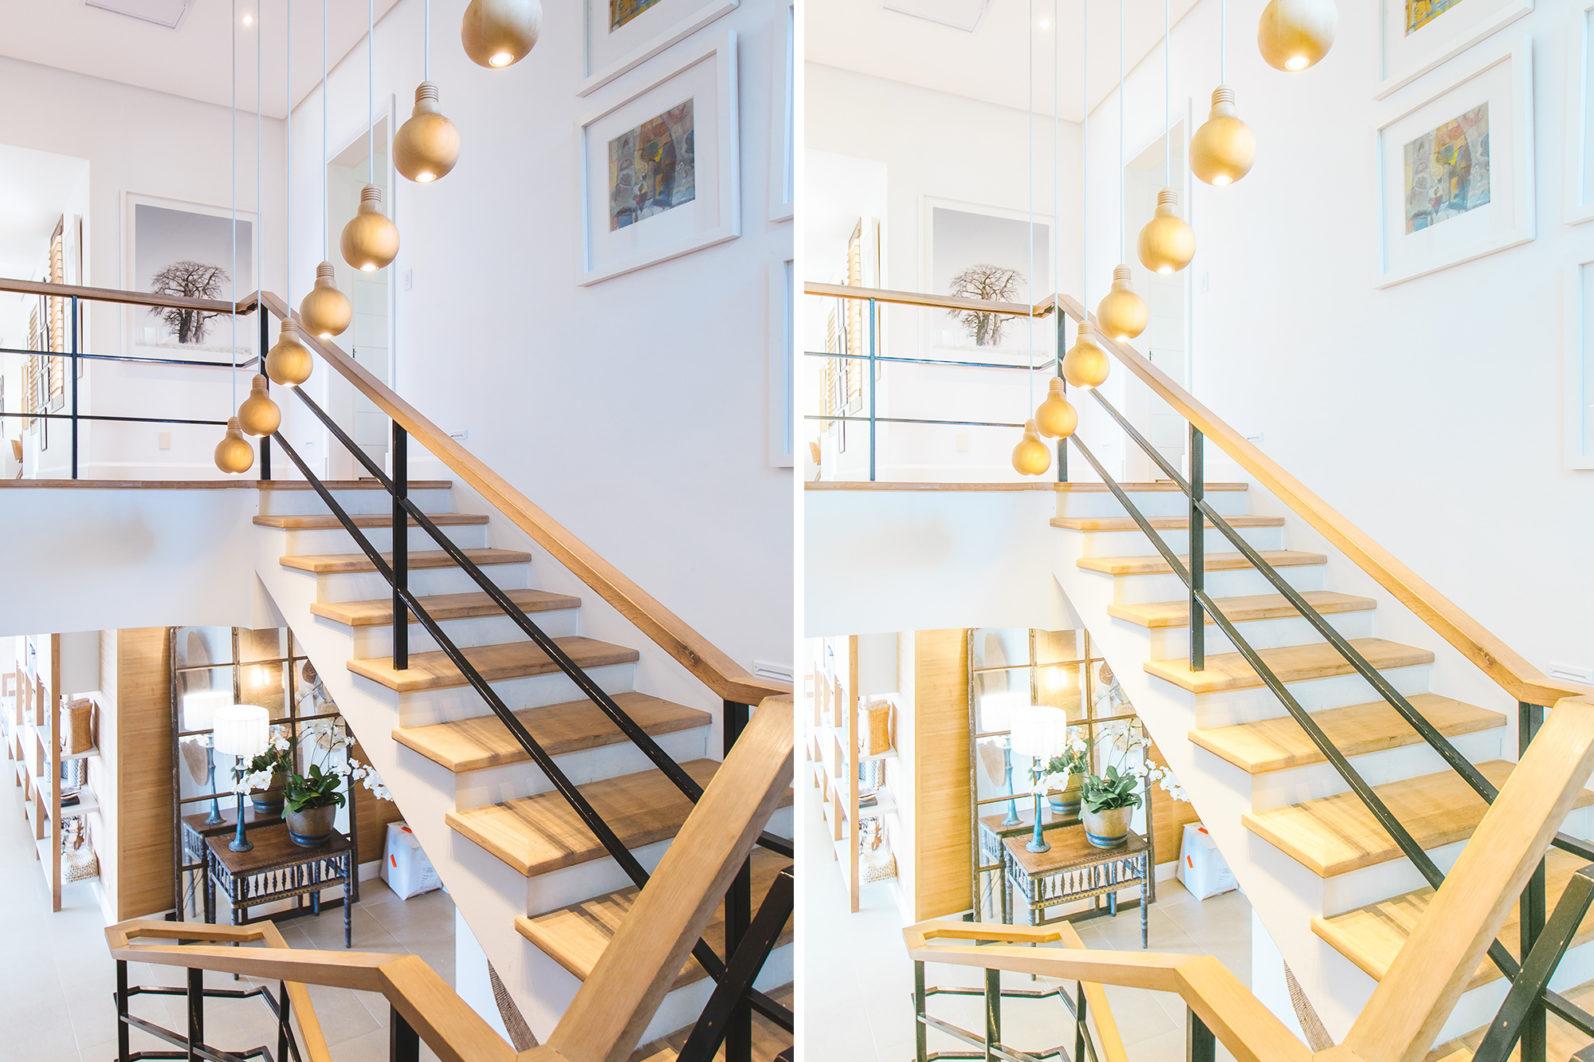 15 Mobile Lightroom Presets REAL ESTATE - lightroom presets cover product 6 1 -